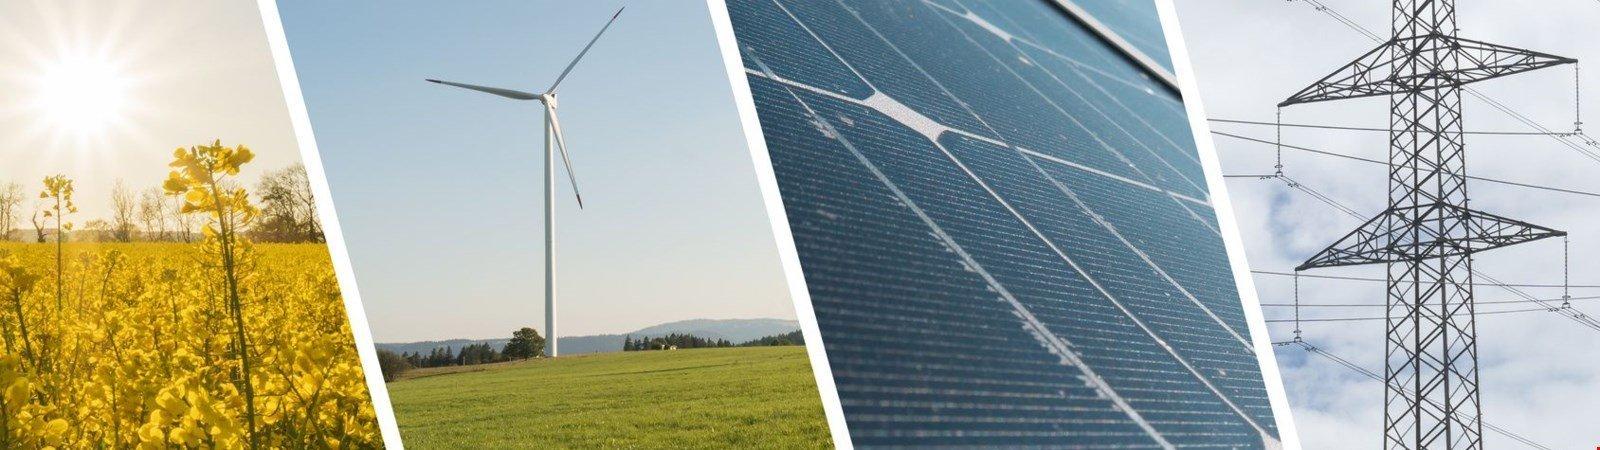 Erneuerbare Energien sind Kern der Energiewende